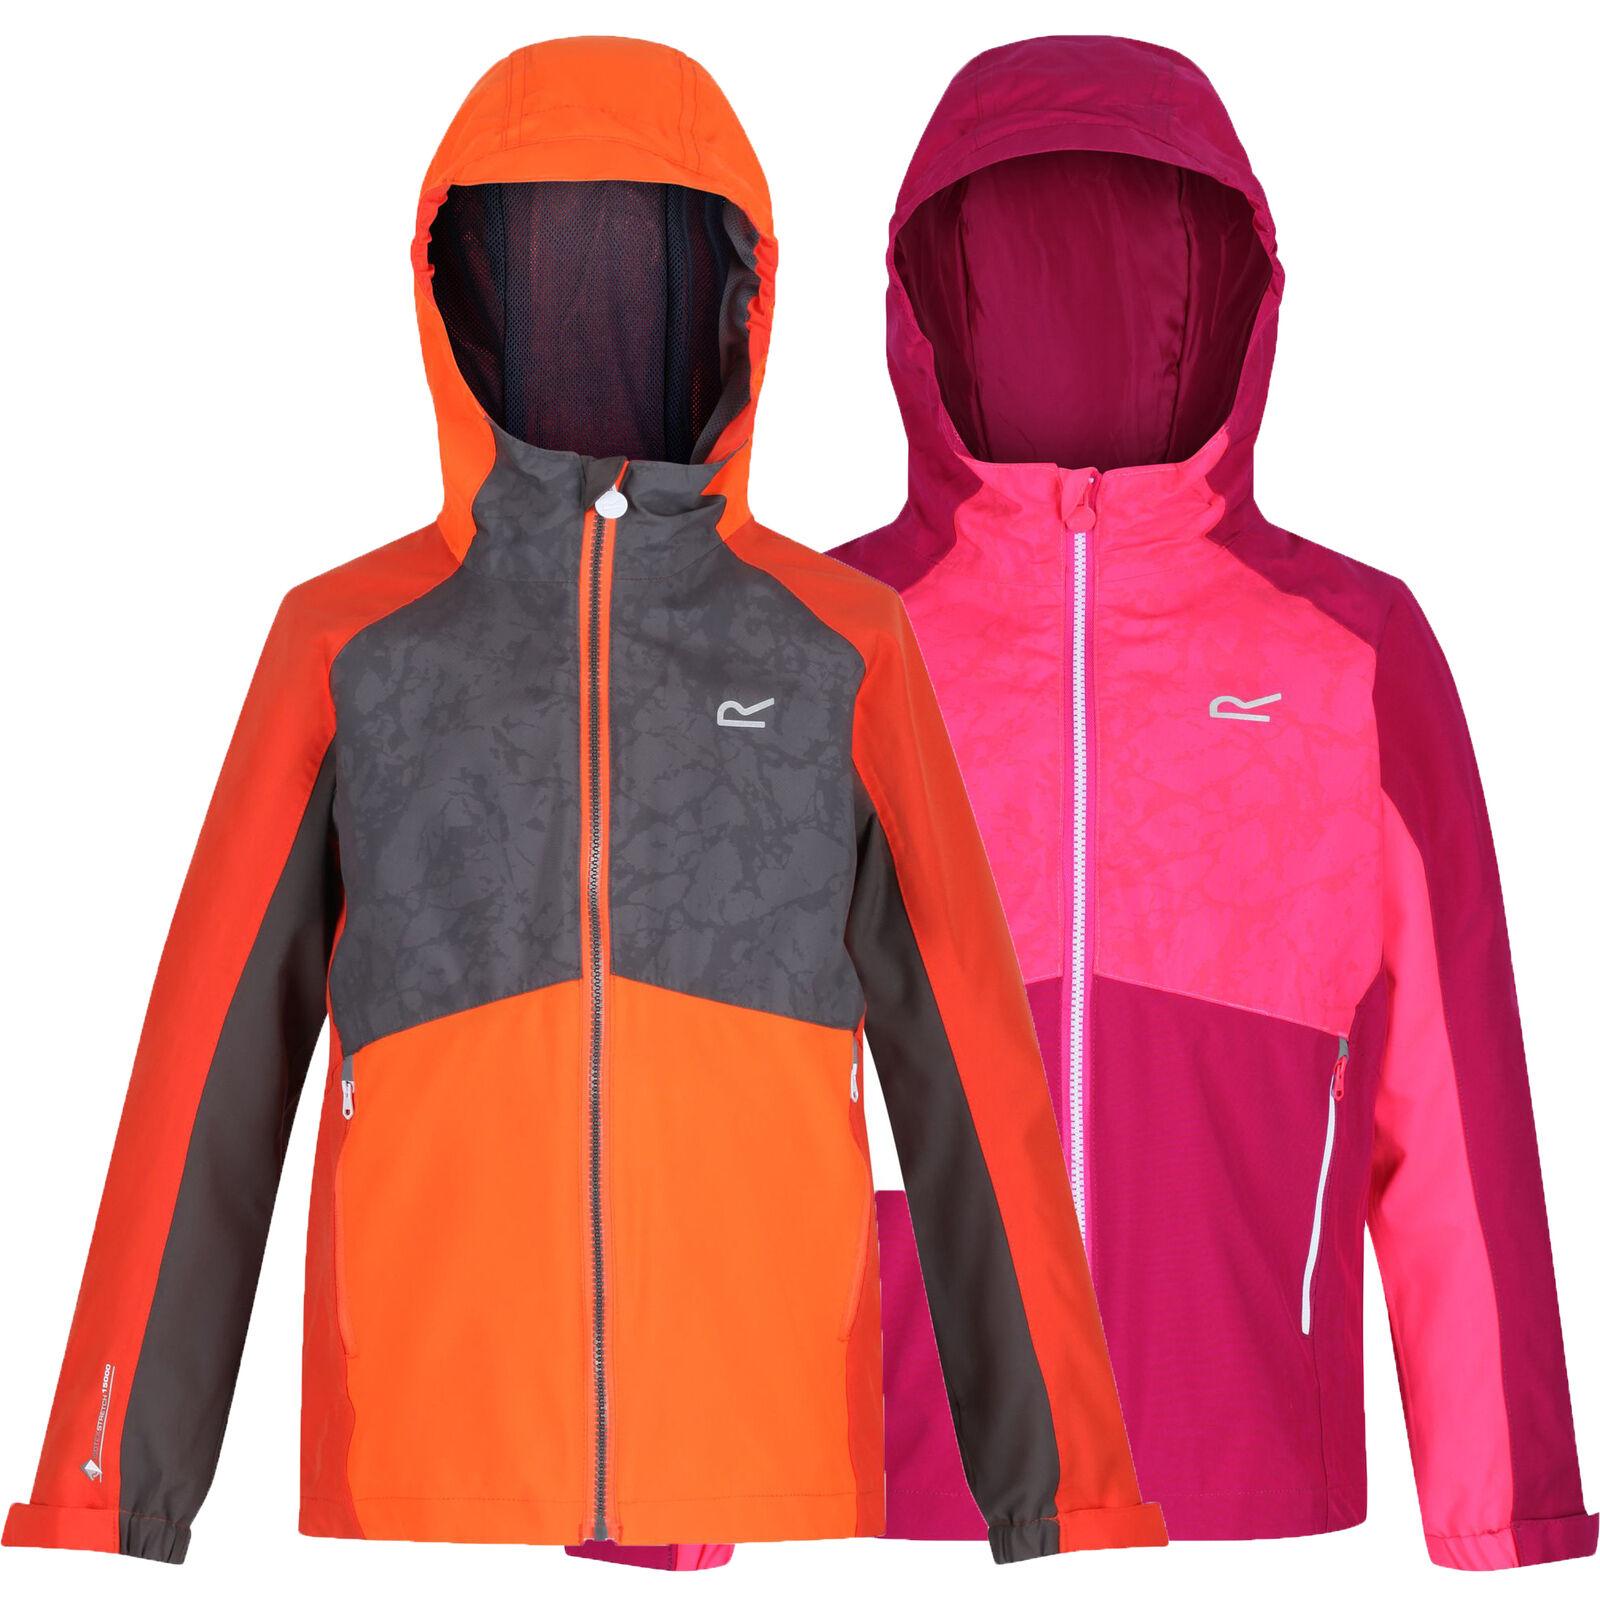 Regatta Hydrate IV 3in1 Kinder Doppeljacke Jacke Outdoorjacke